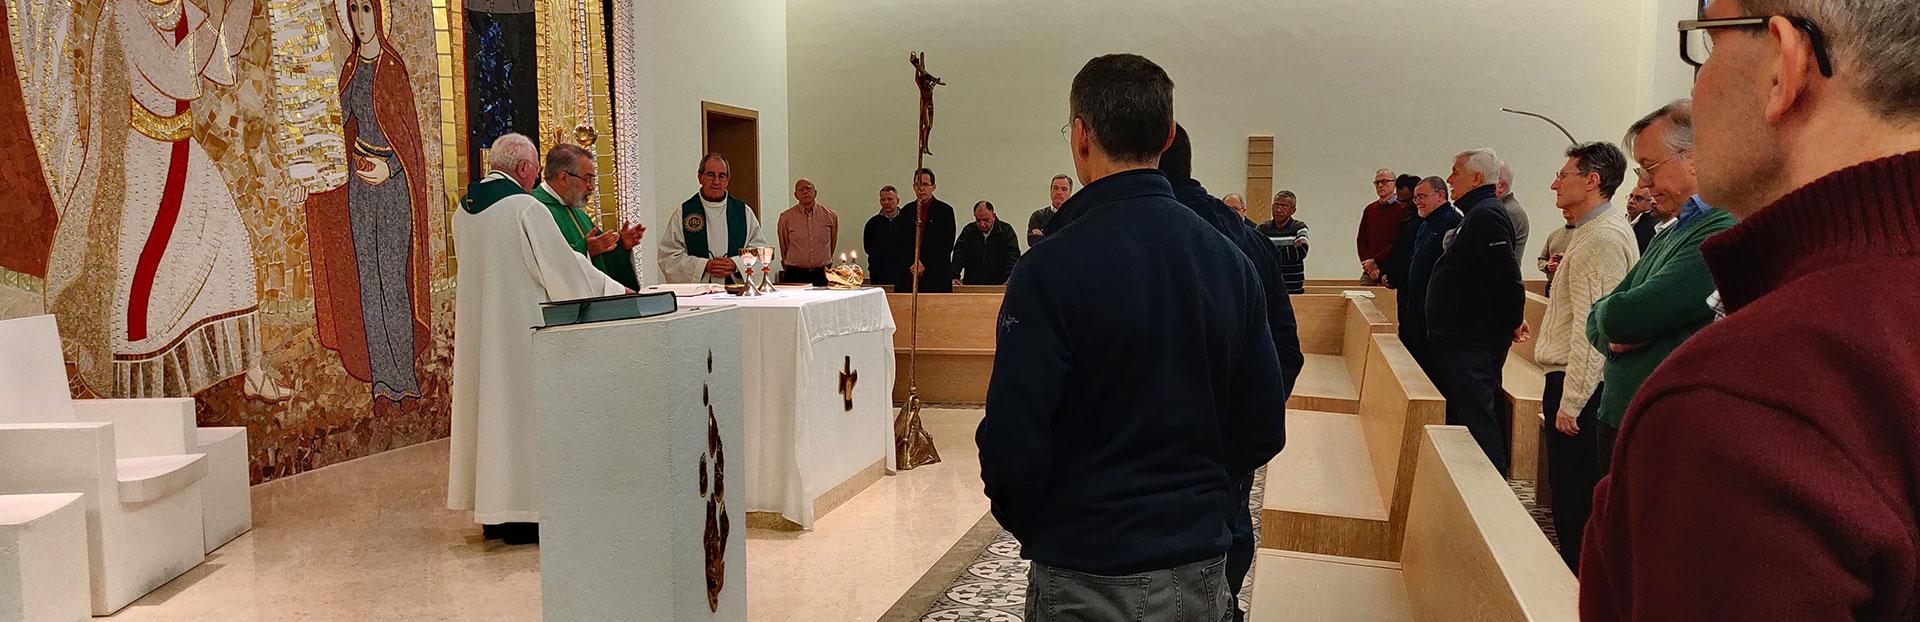 ¿La pobreza de los jesuitas tiene valor hoy en día?